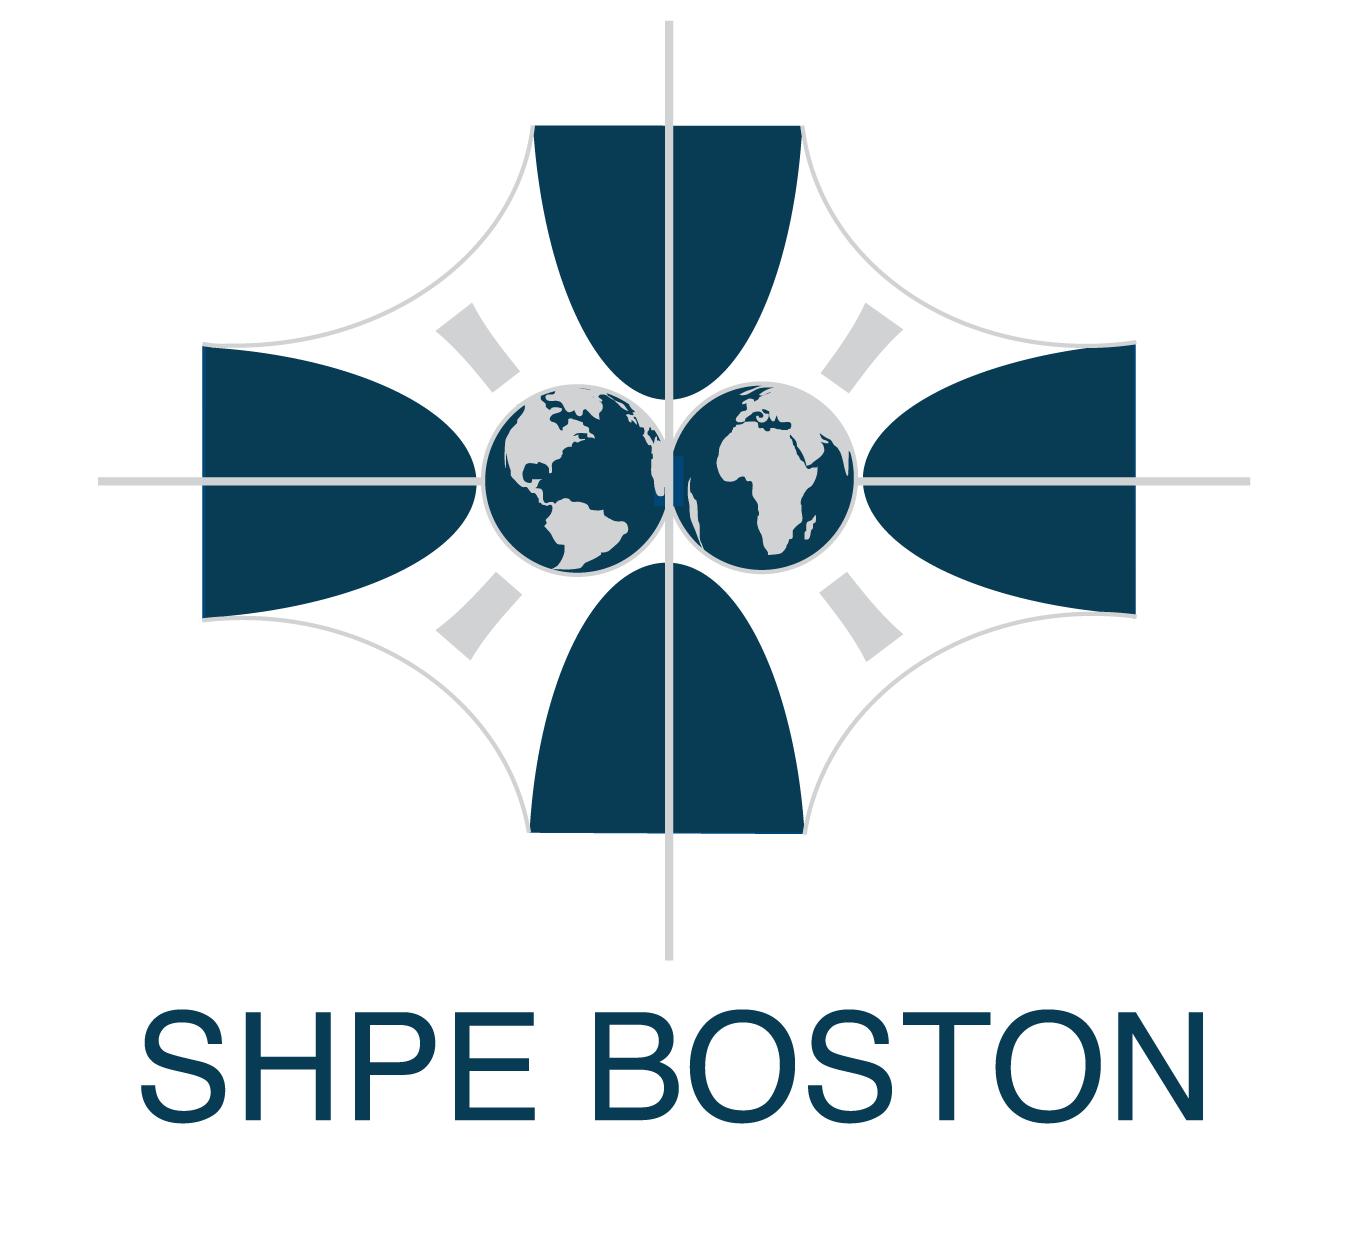 SHPE_Boston_logo.png